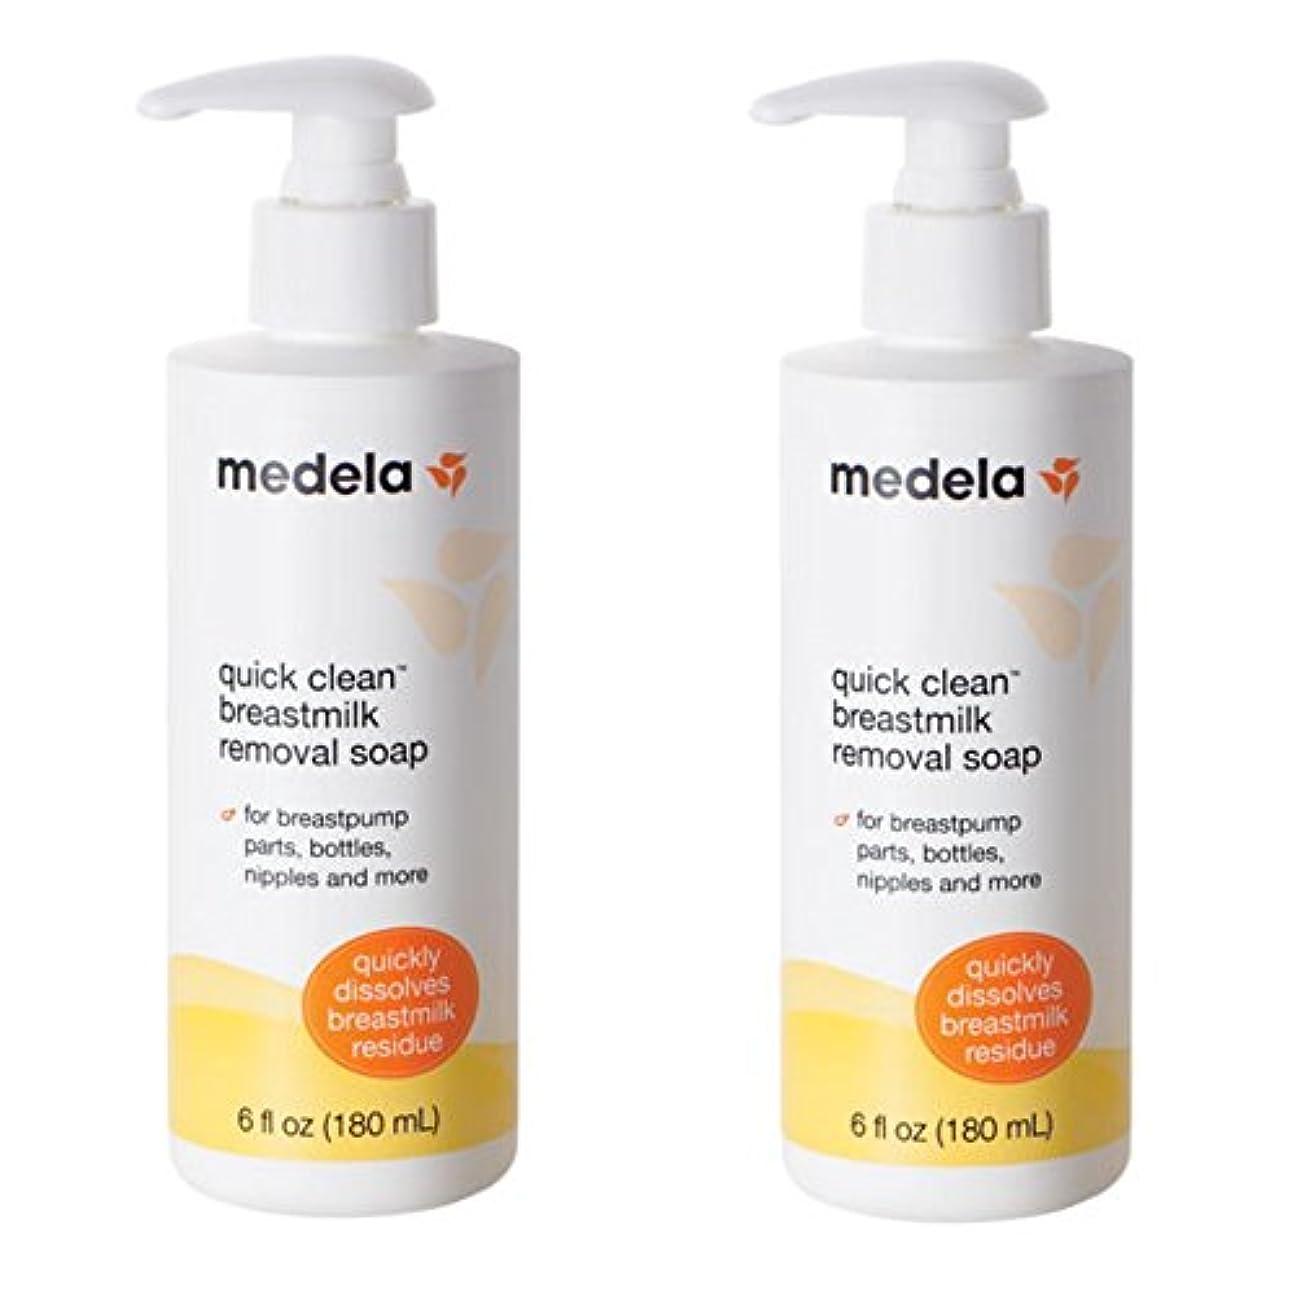 偶然の貧困ポットMedela Quick Clean Breastmilk Removal Soap, 2 - 6 Ounce Bottles by Medela